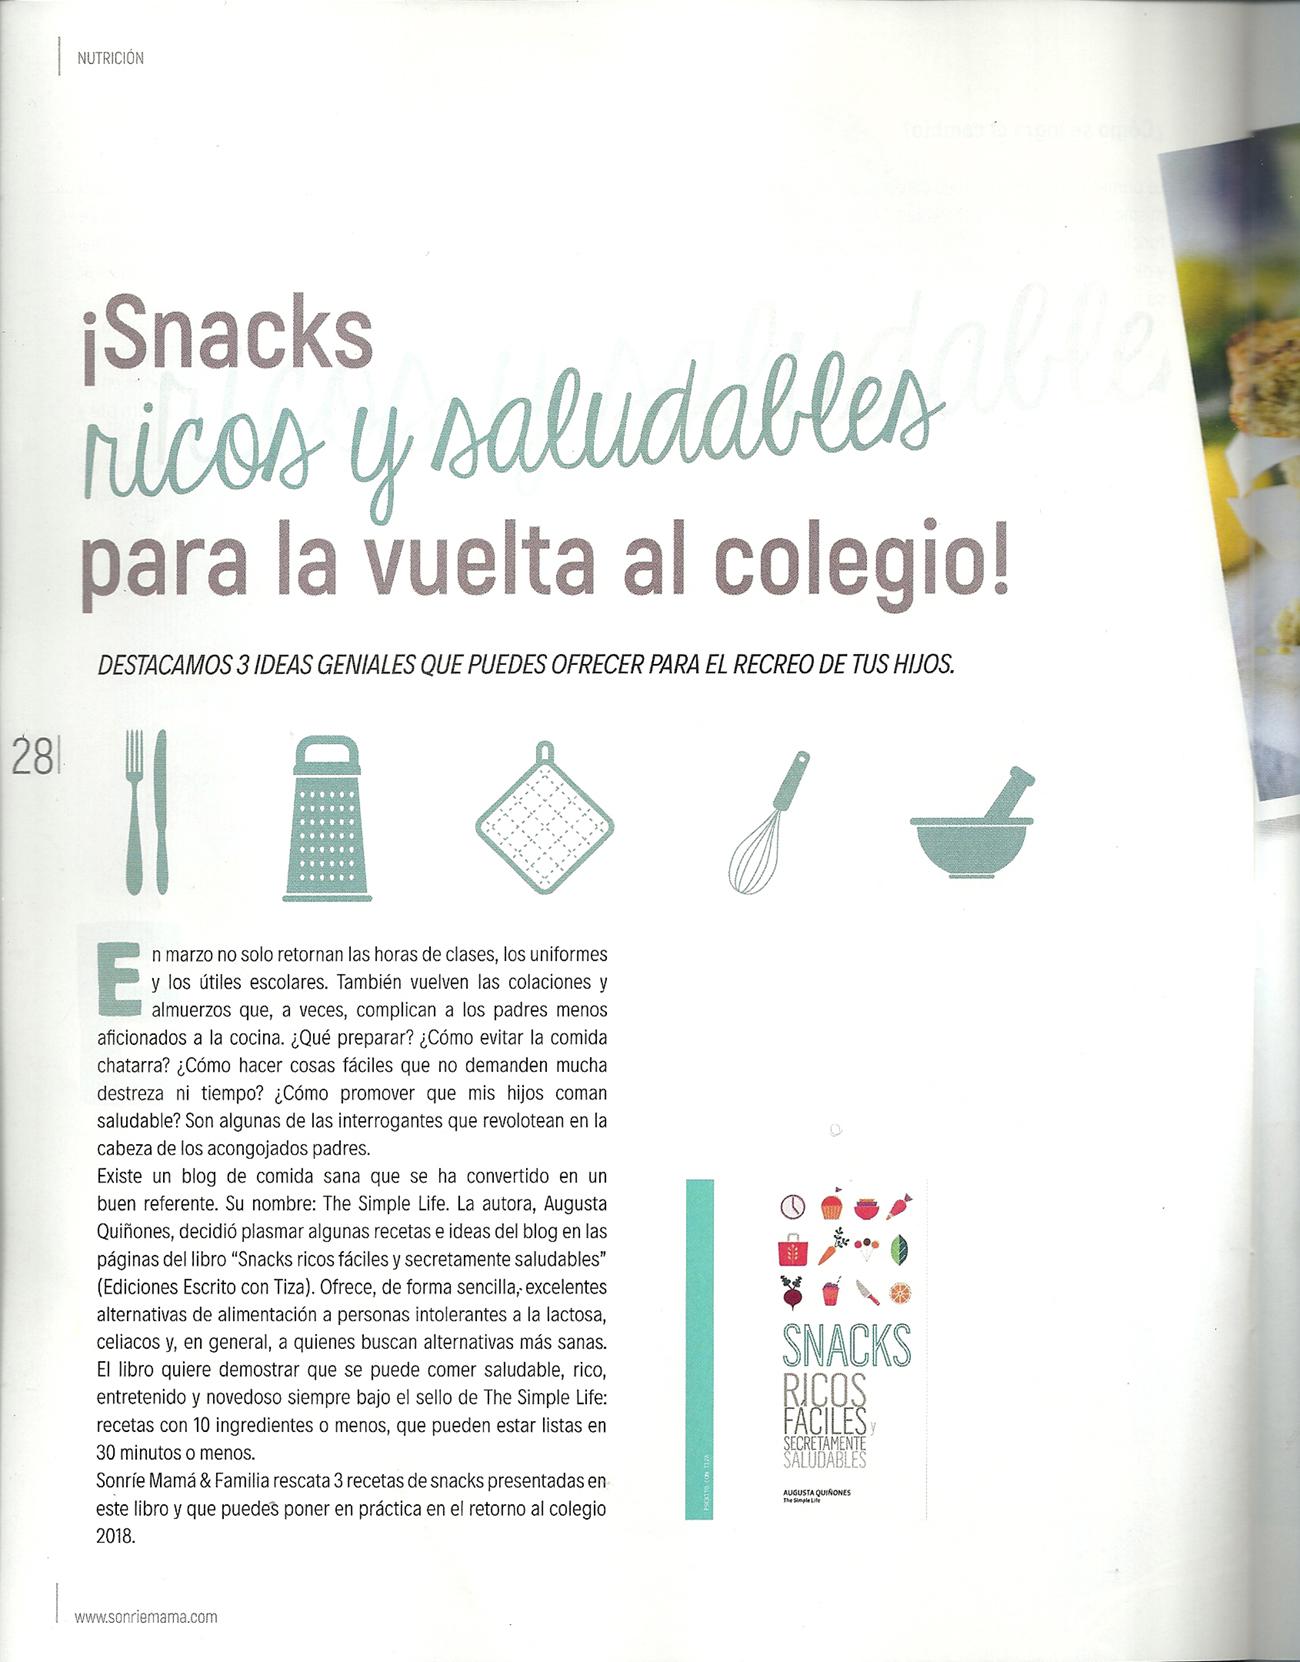 Snacks para la vuelta al colegio - REVISTA SONRÍE MAMA